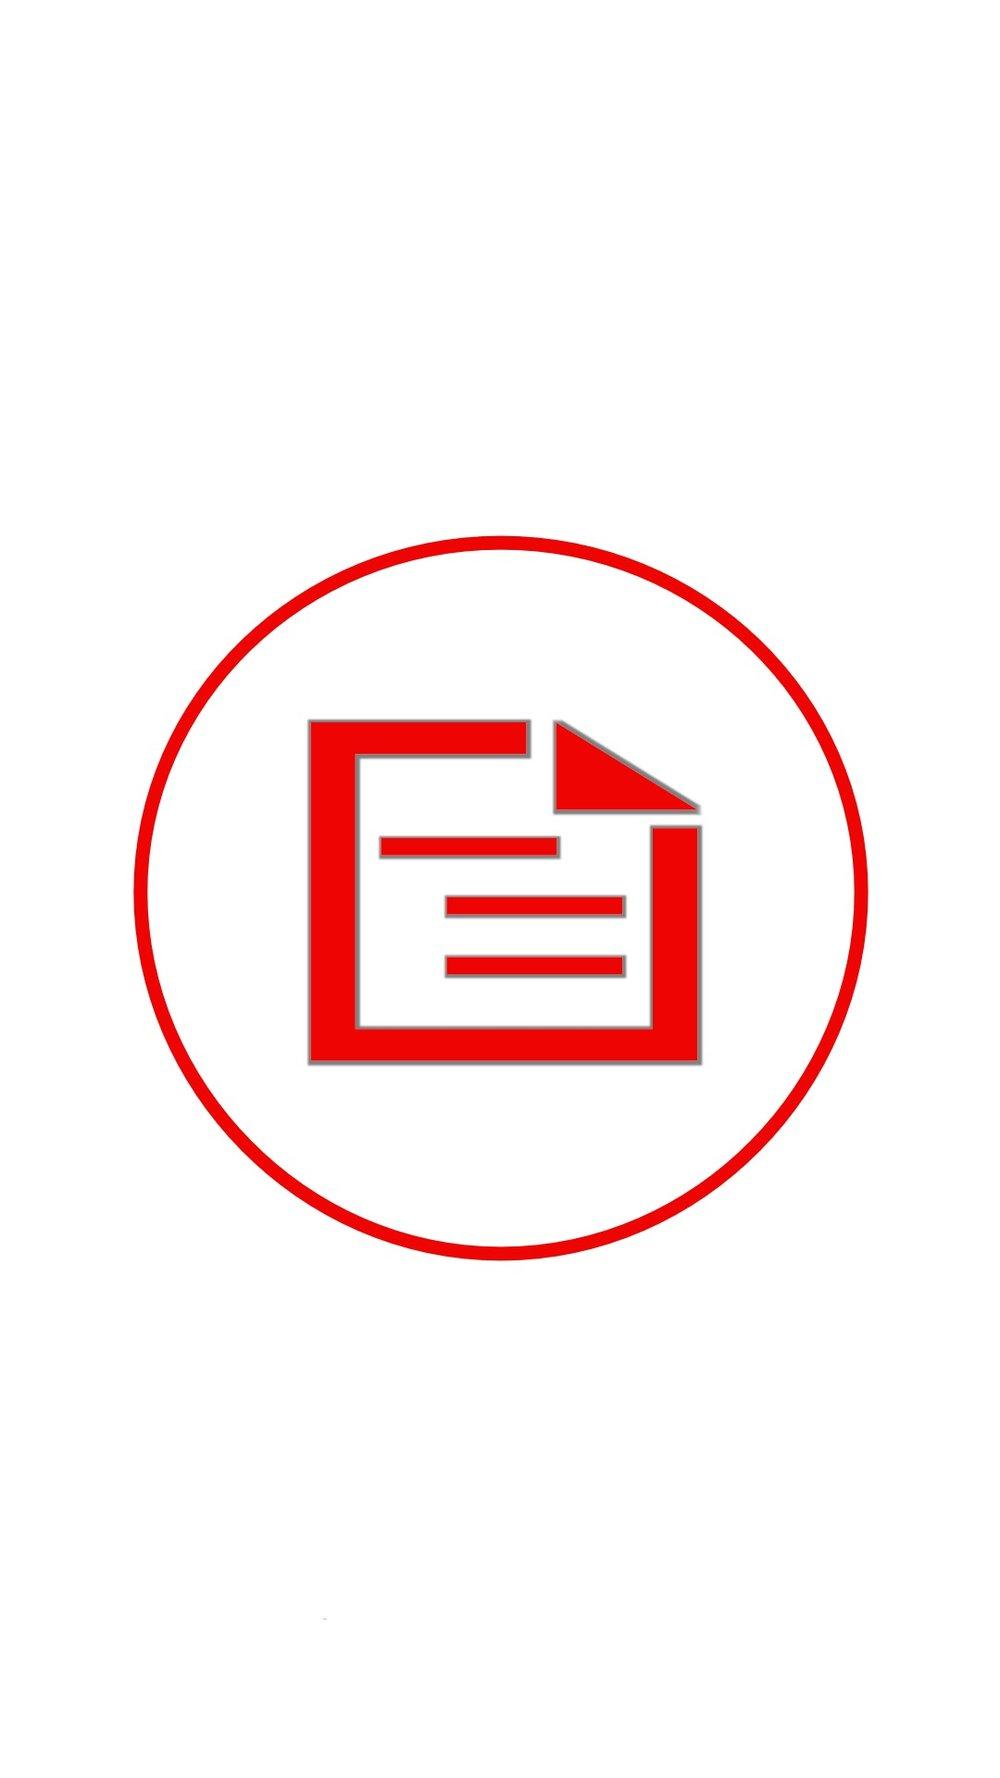 Instagram-cover-blogentry-red-white-lotnotes.com.jpg